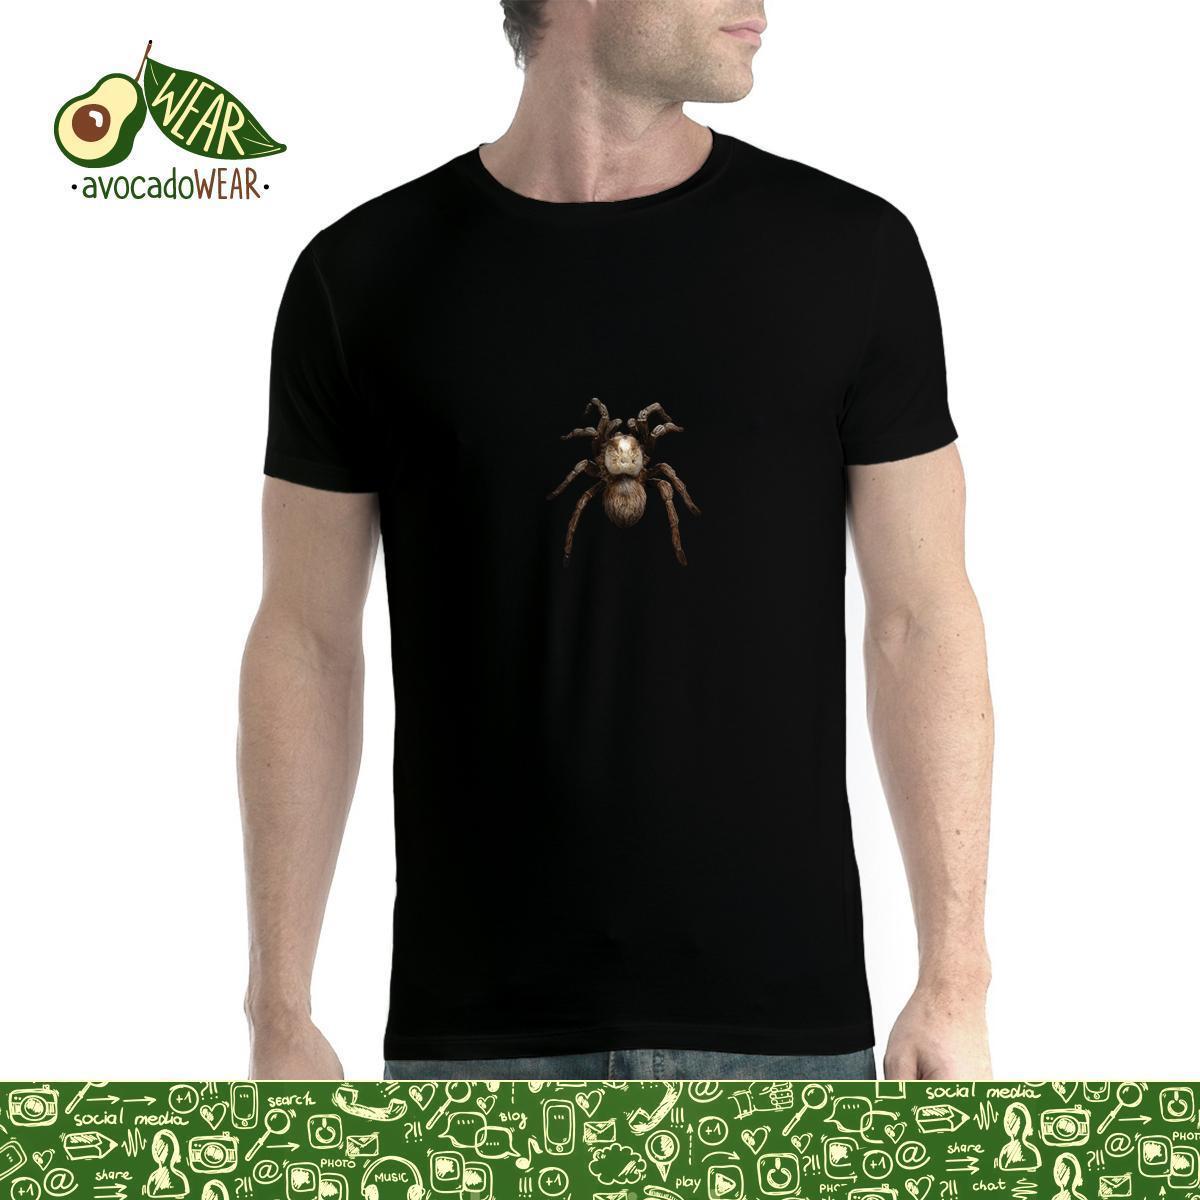 Hartig Tarantula Spider 3d Mannen T-shirt Xs-5xl Newstreetwear Grappige Print Kleding Hip-tope Mans T-shirt Tops Tees Hot Koop Mannen T-shirt Om Het Lichaamsgewicht Te Verminderen En Het Leven Te Verlengen